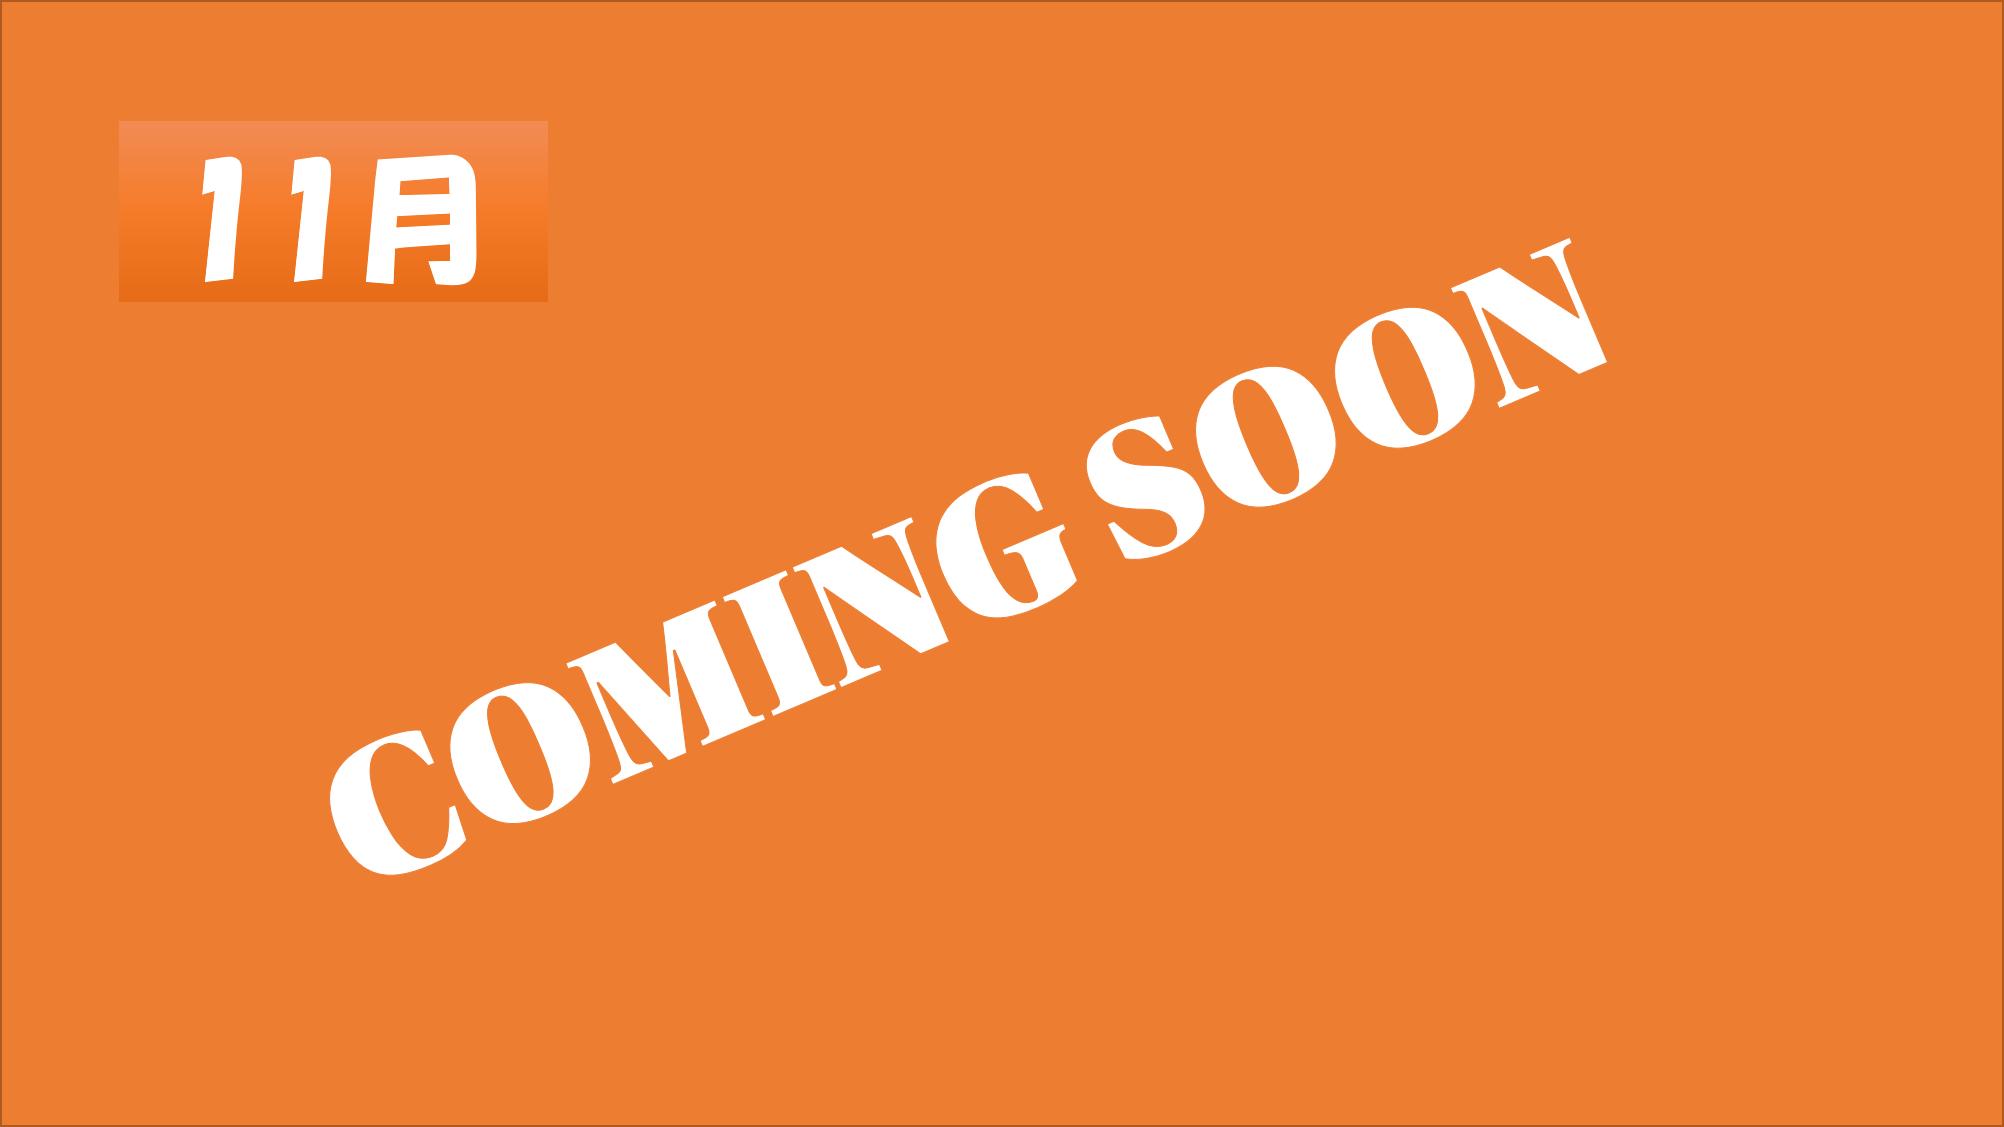 【鉄道】11月トークライブ 準備が整い次第公開いたします。